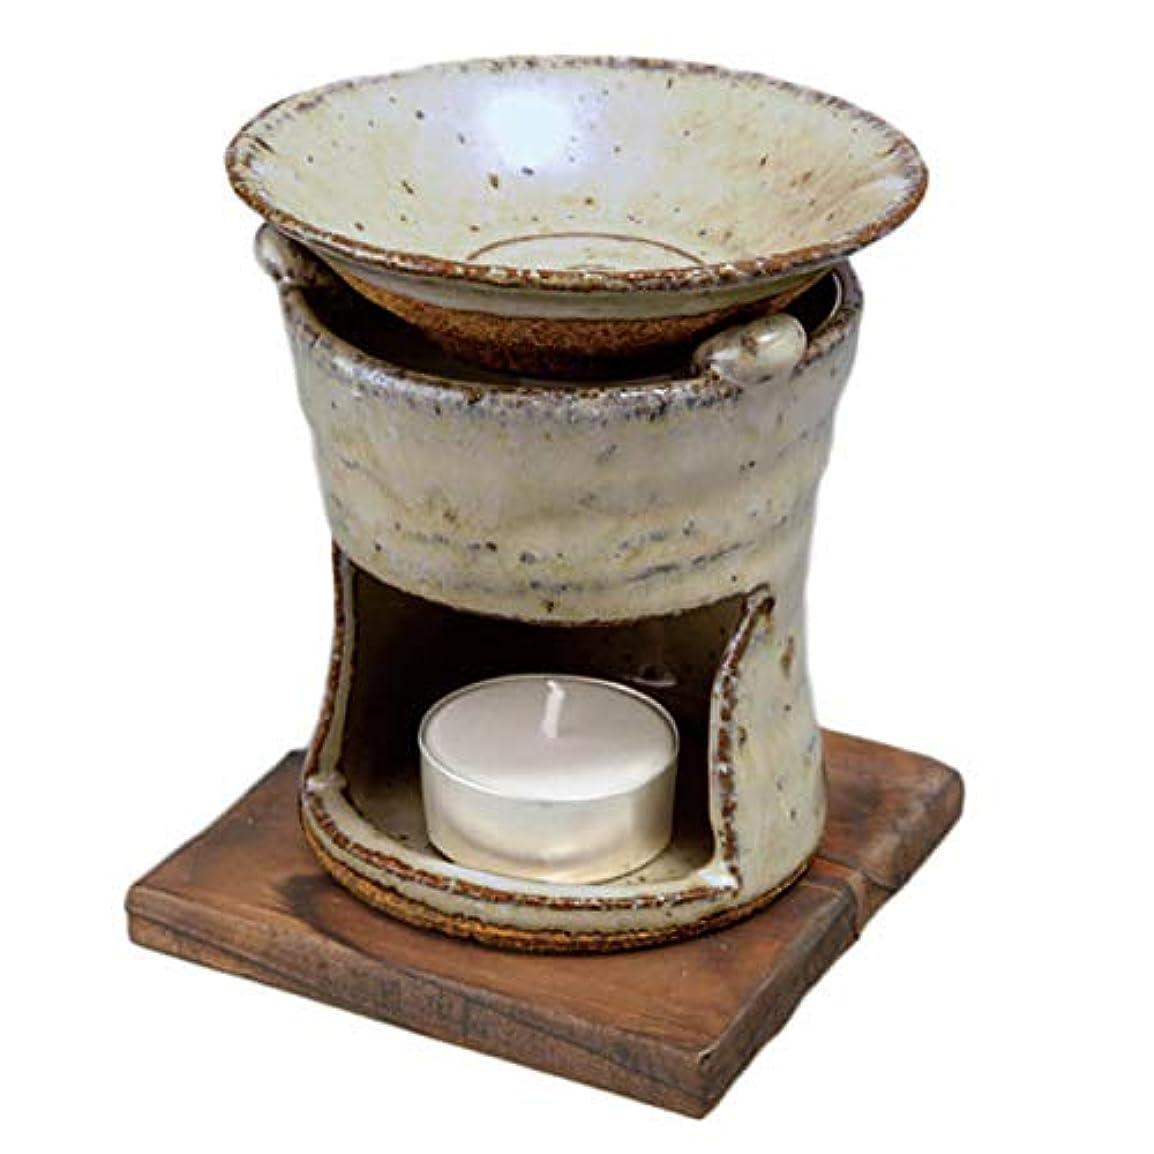 画像気取らないフィルタ手造り 茶香炉/茶香炉 伊良保/アロマ 癒やし リラックス インテリア 間接照明